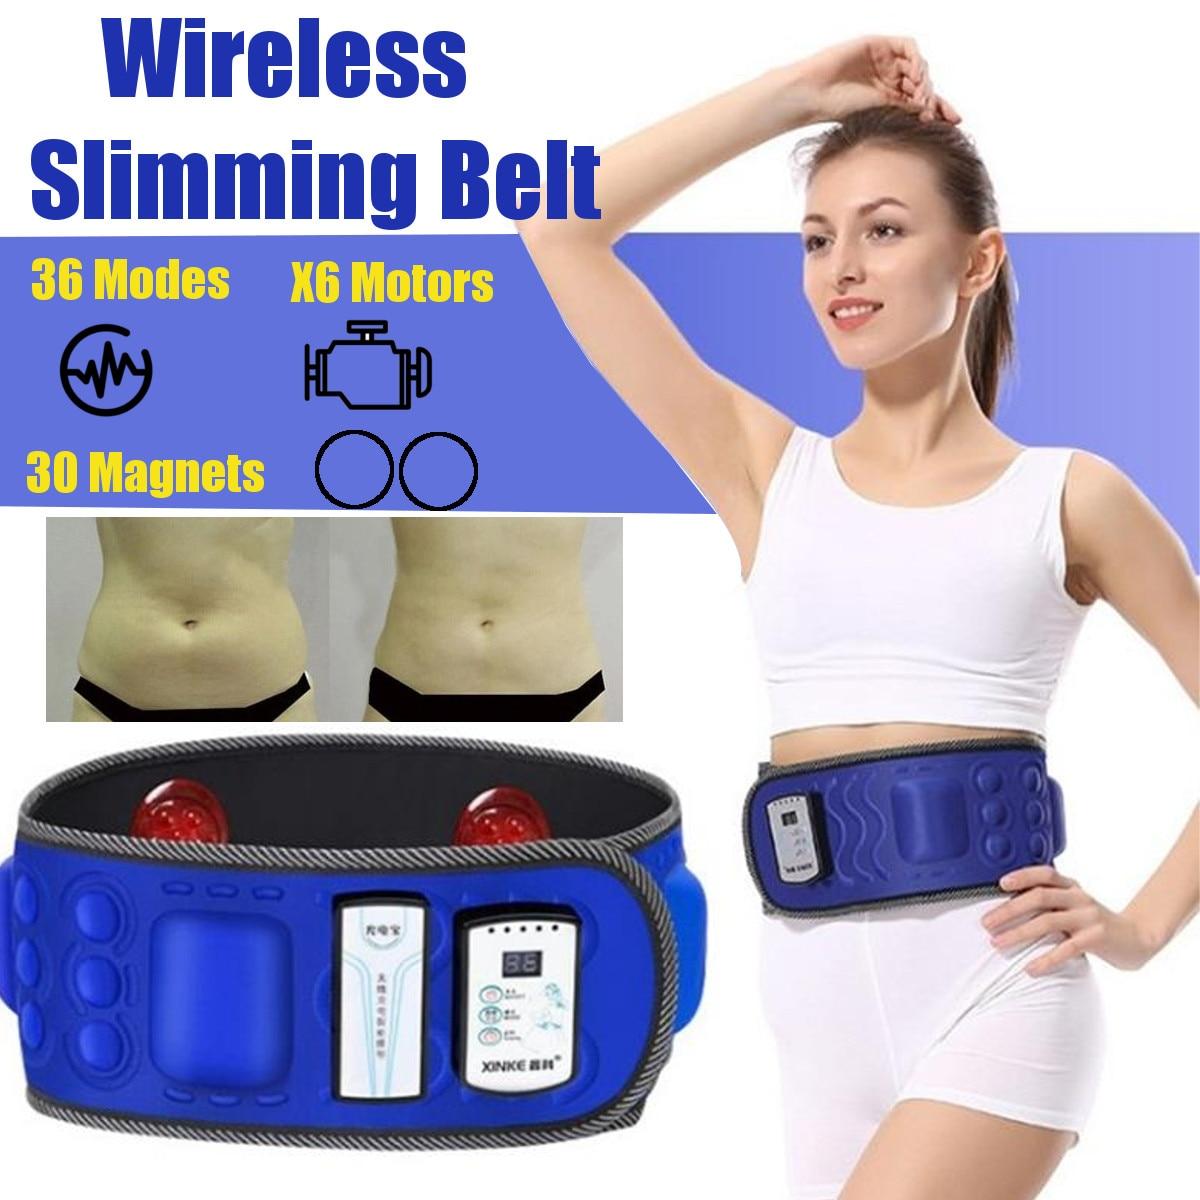 Wärme Magnet Drahtlose Elektrische Abnehmen Gürtel Verlieren Gewicht Fitness Massage Sway Vibration Bauch Bauch Muskel Taille Stimulator